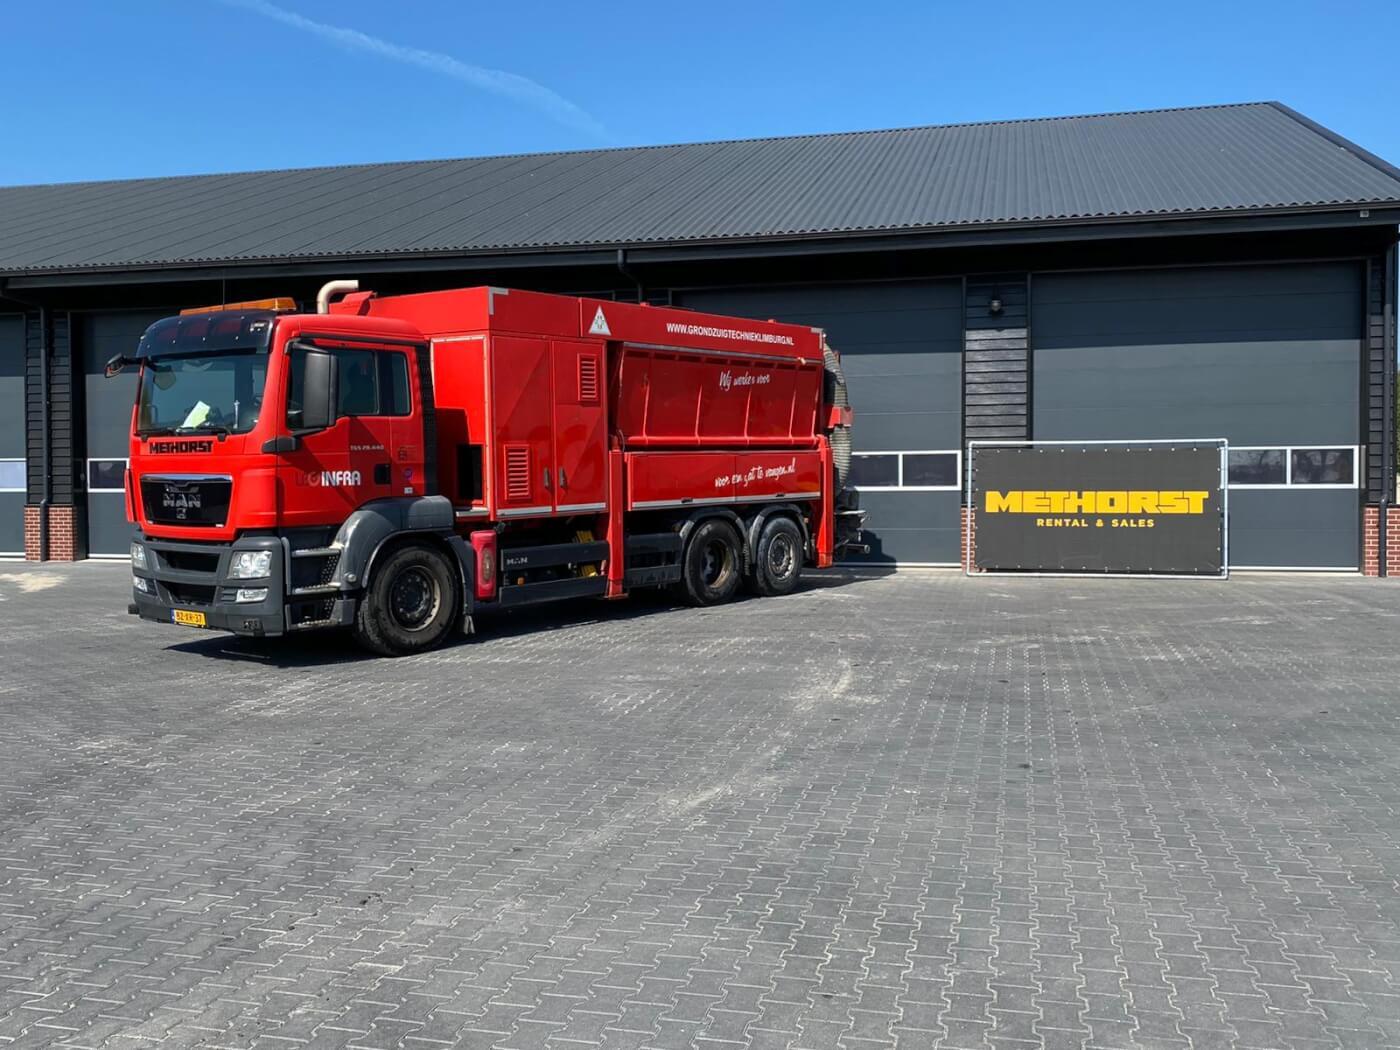 Zuigwagen Methorst Zuigtechniek LBG 7